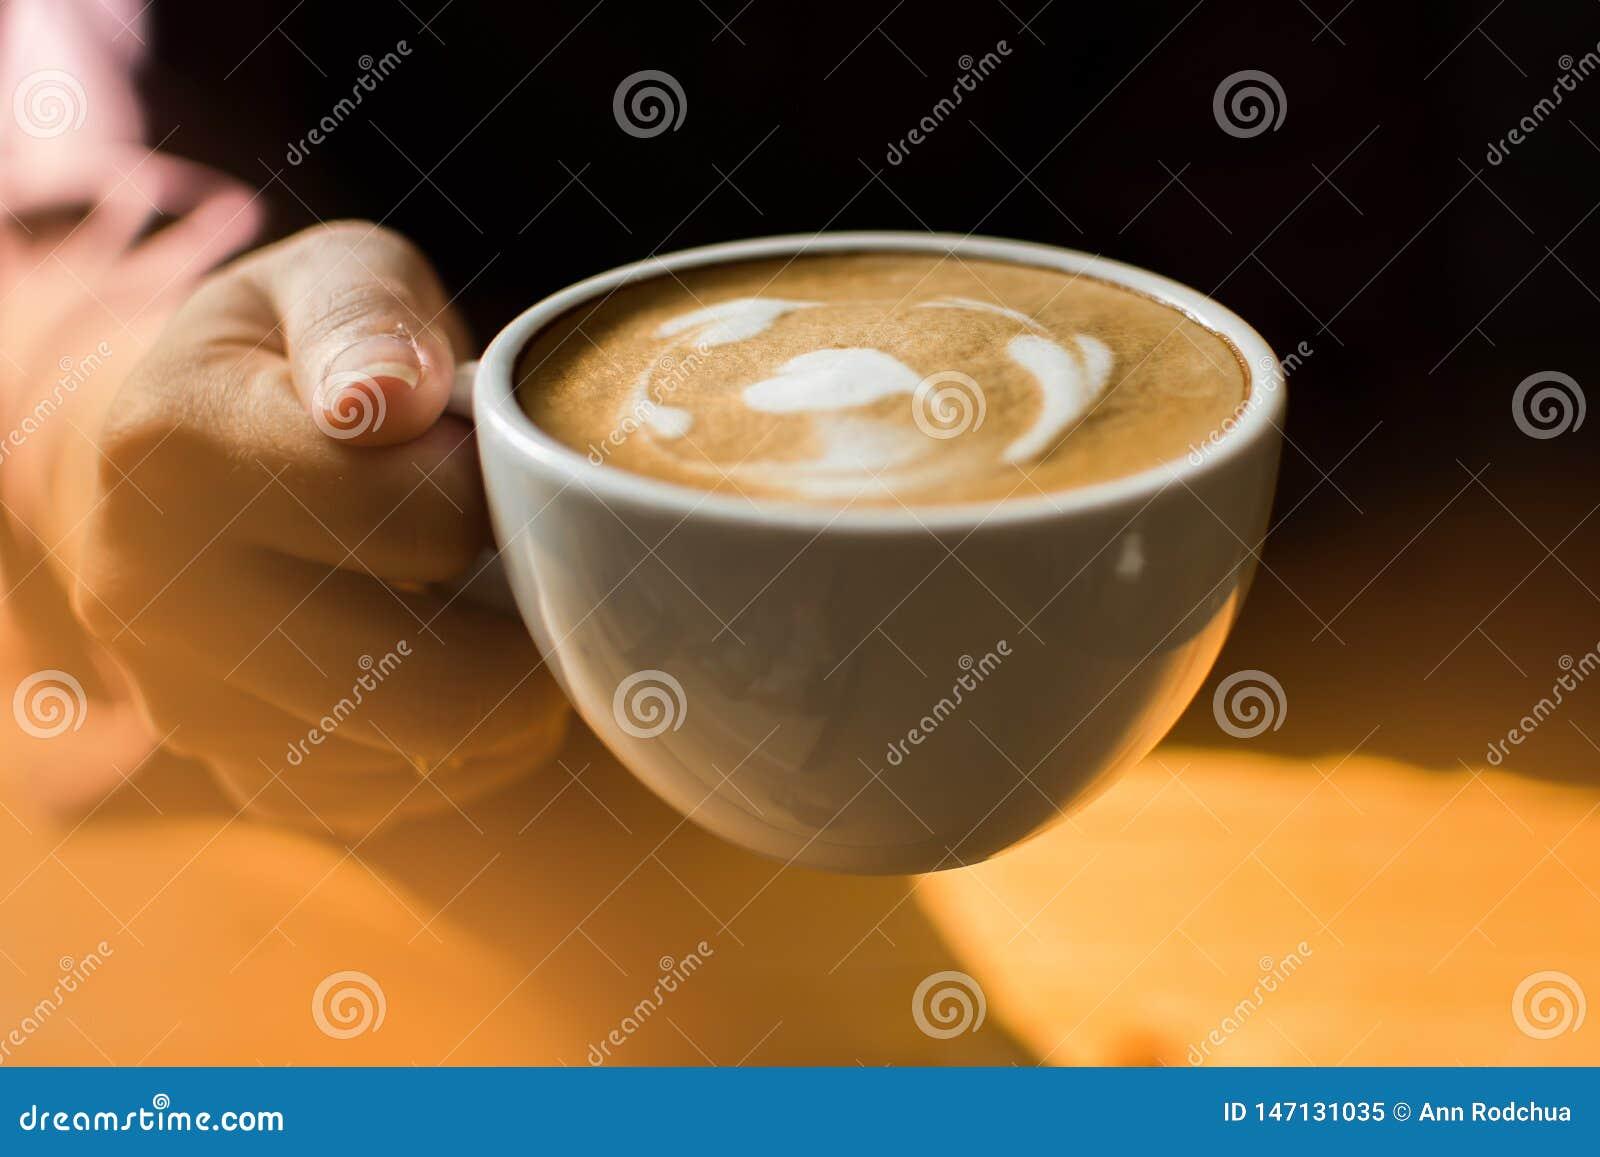 Uma mulher está guardando uma xícara de café